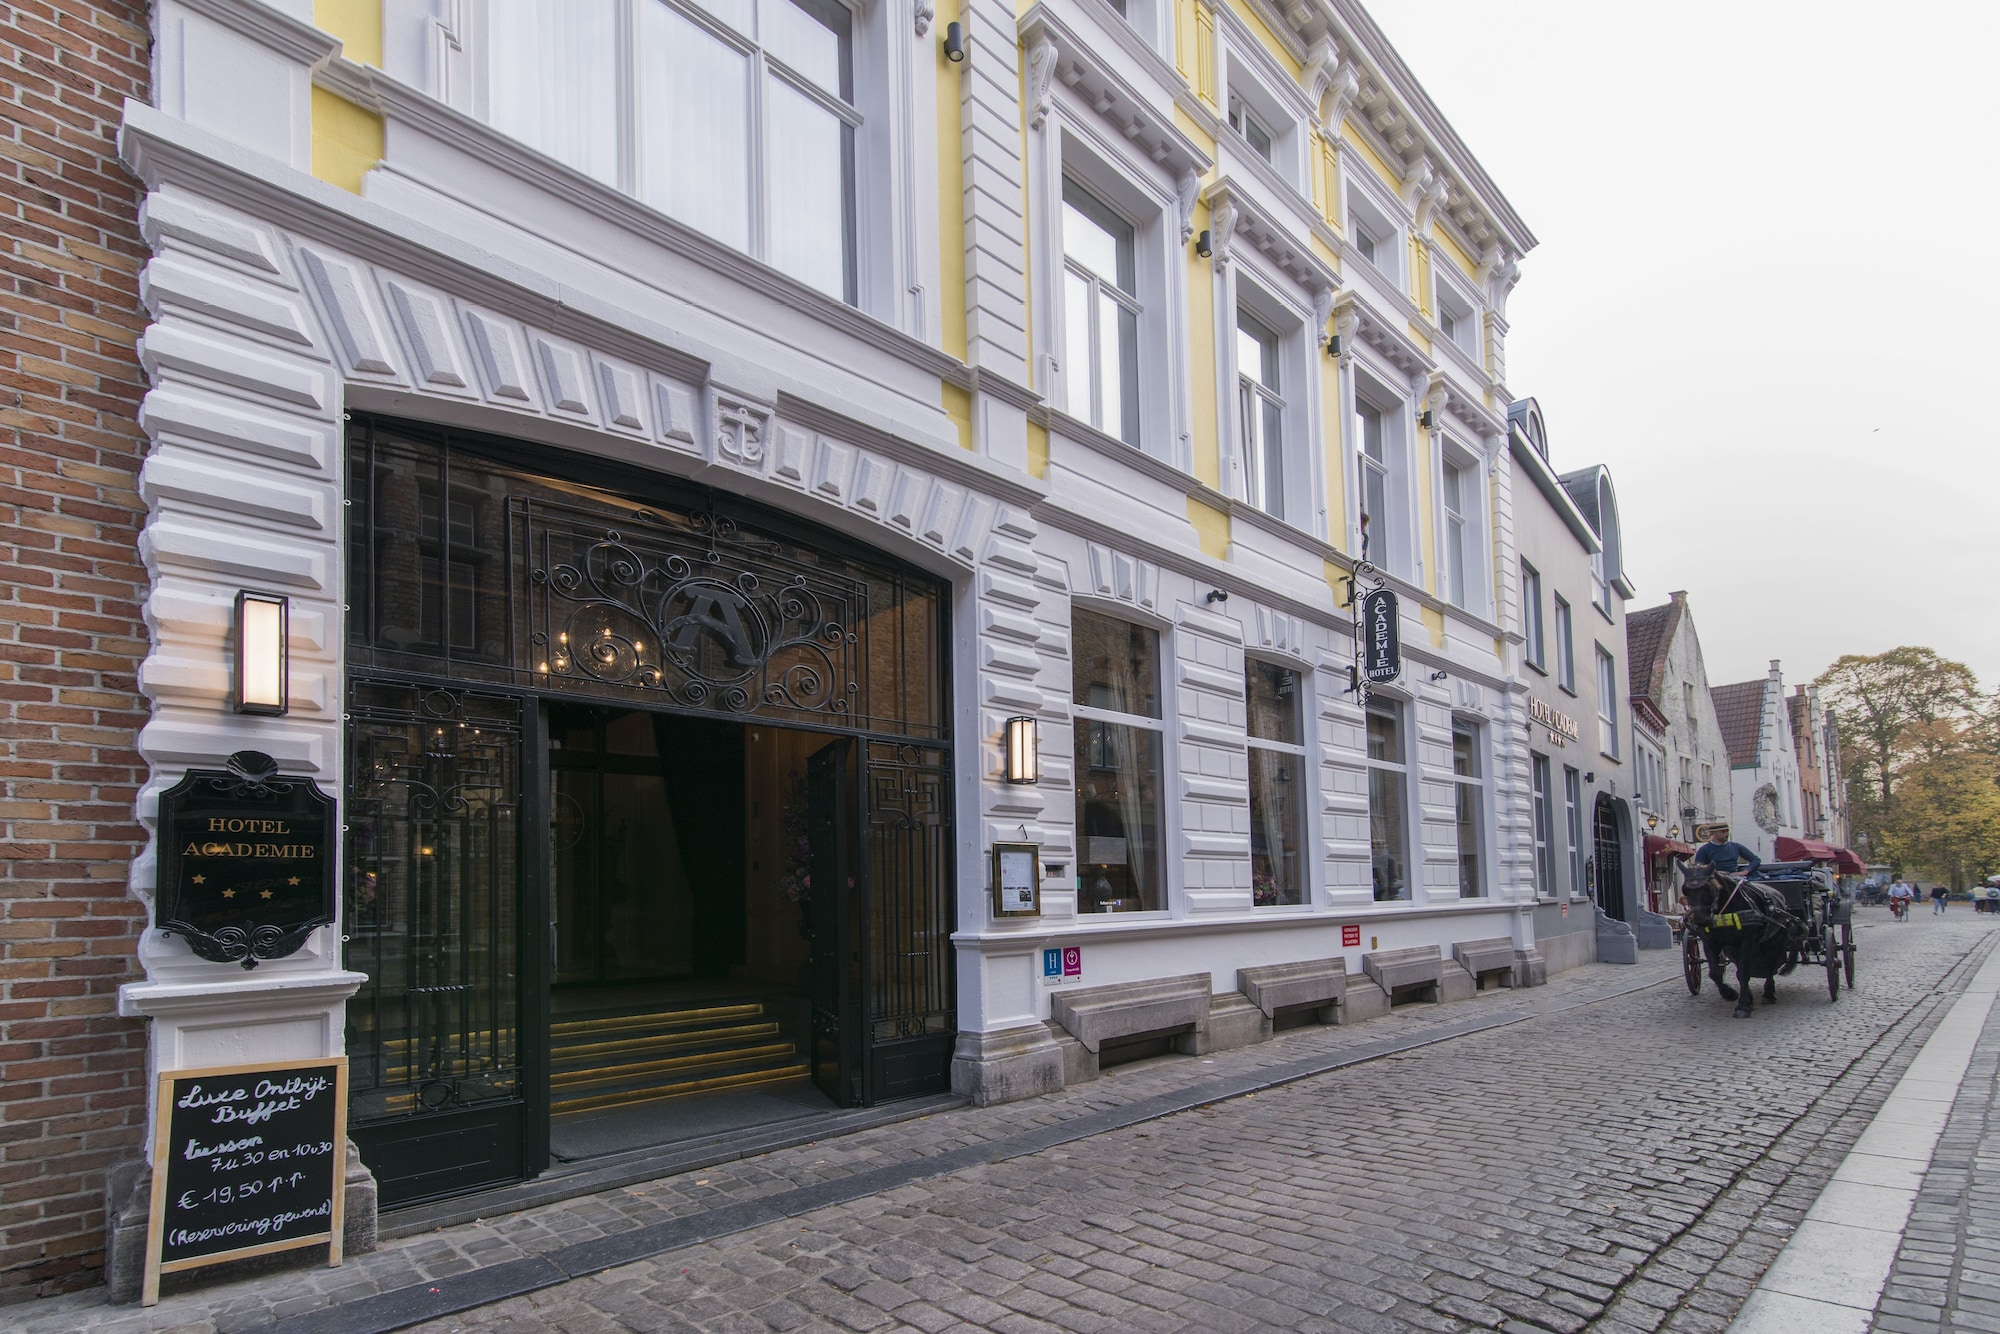 Academie Hotel, West-Vlaanderen